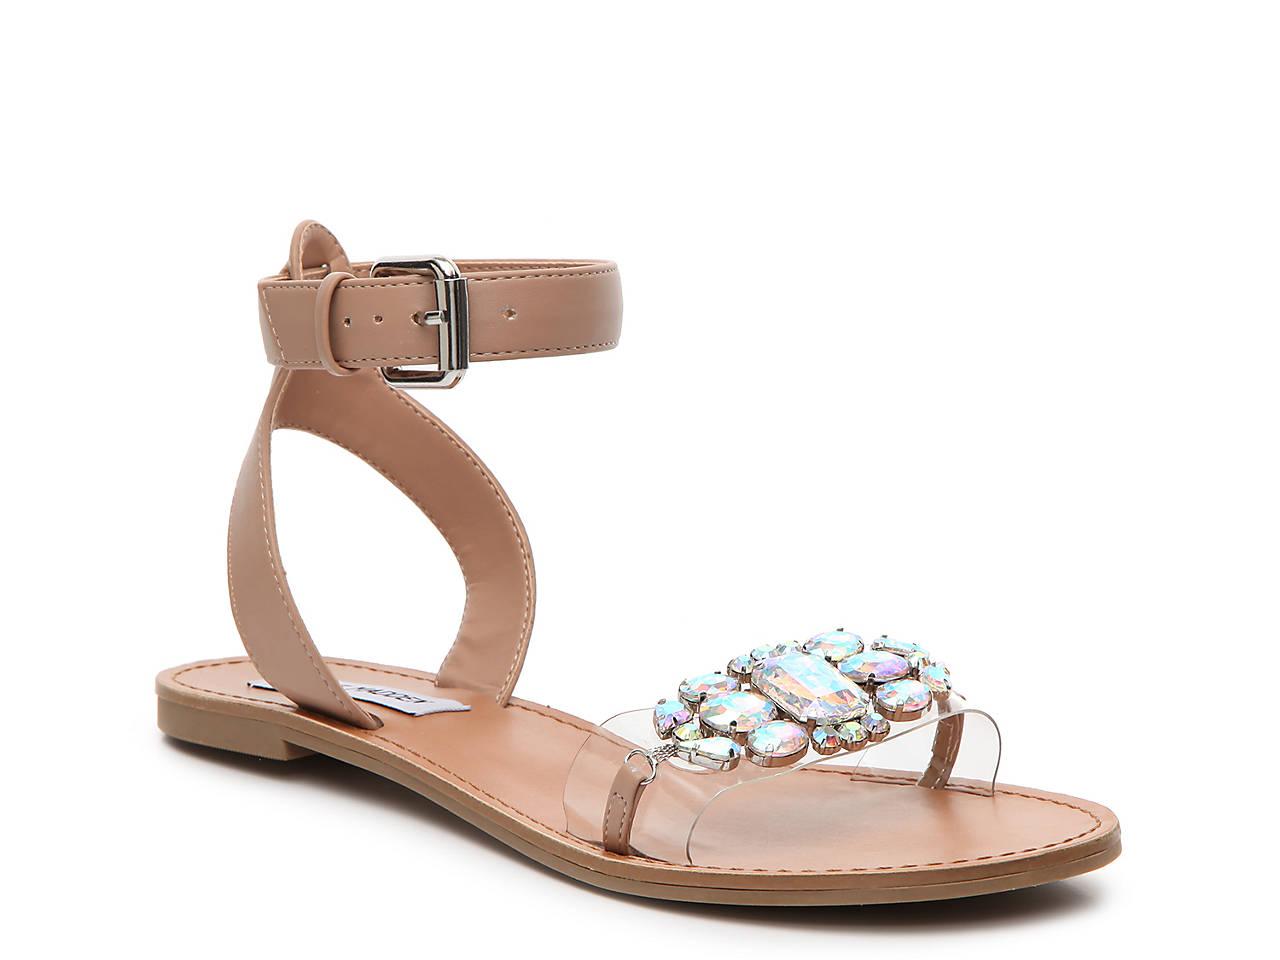 ca4865abf6 Steve Madden Layla Sandal Women's Shoes   DSW